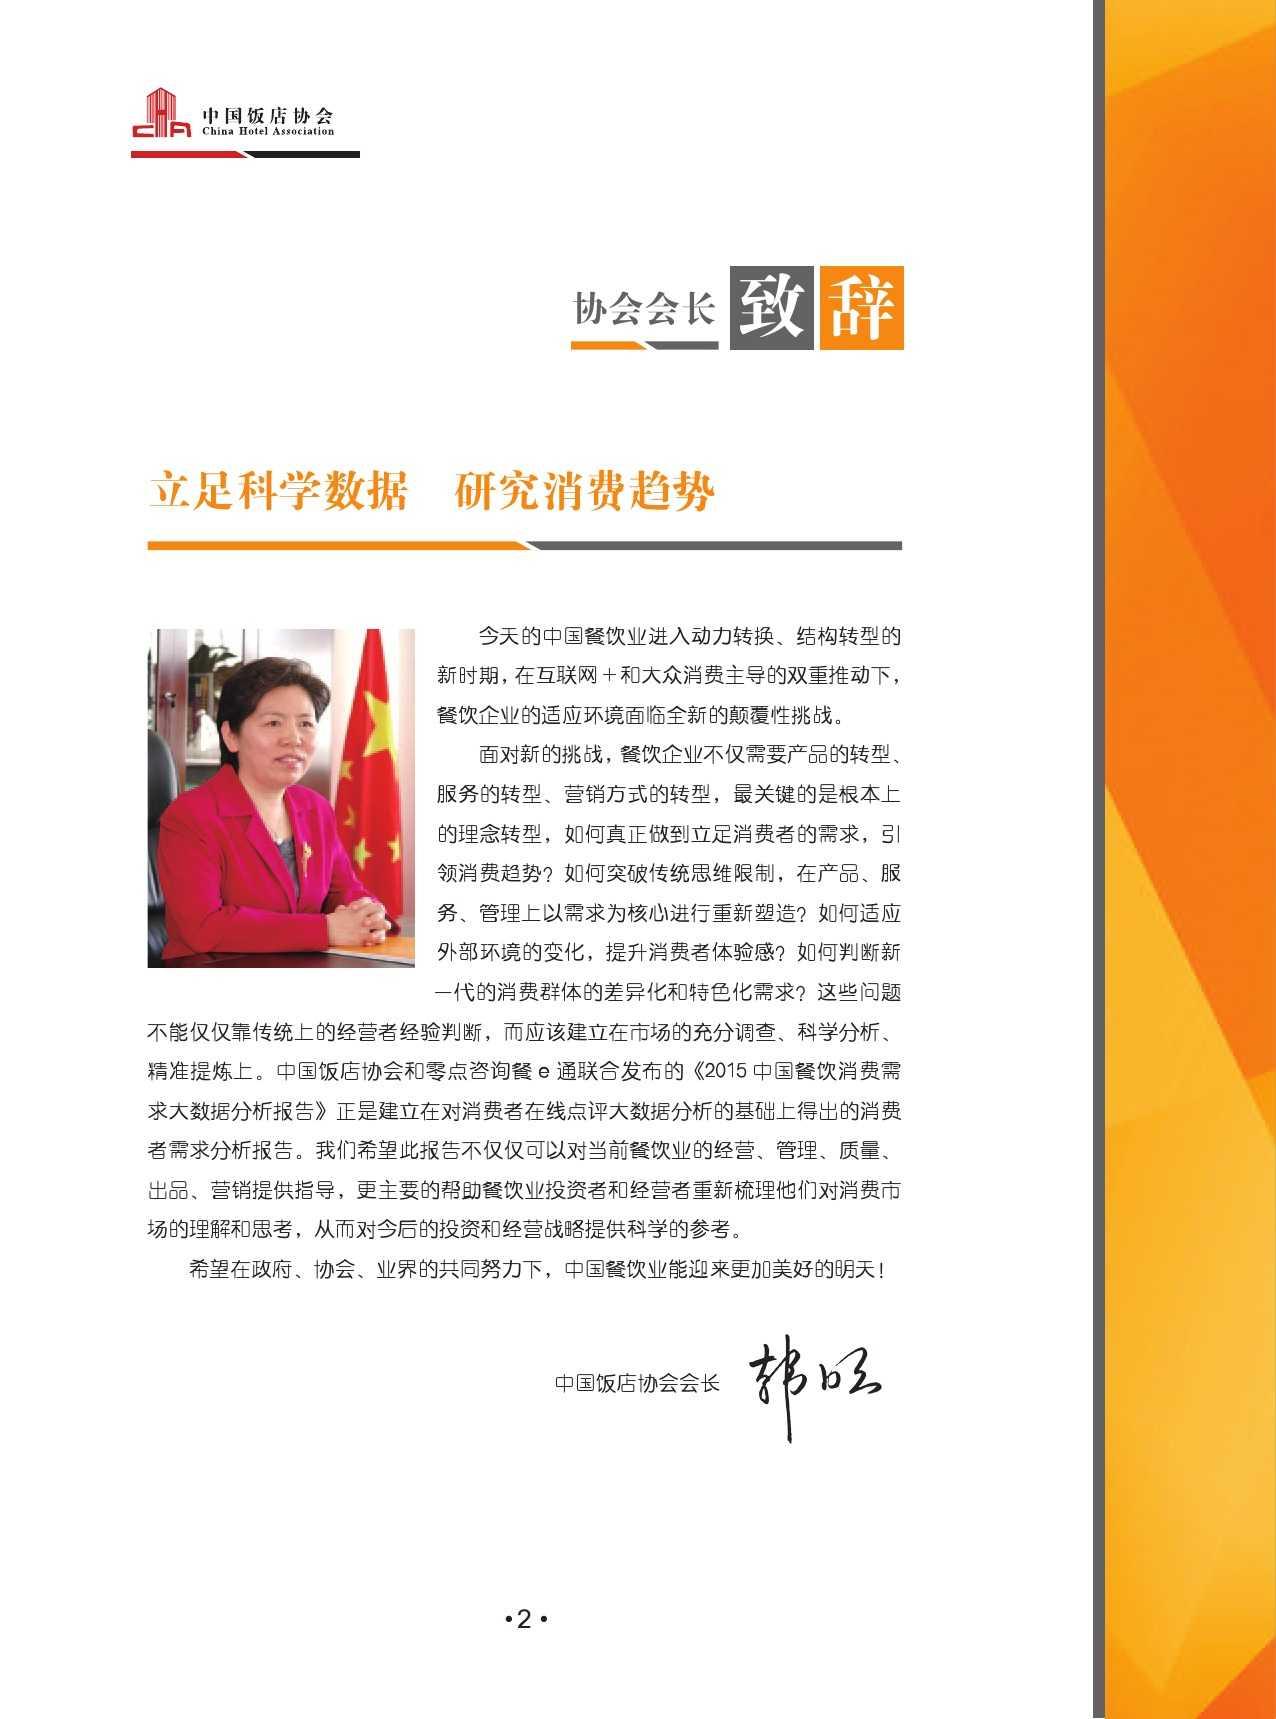 2015中国餐饮消费需求大数据分析报告_000004